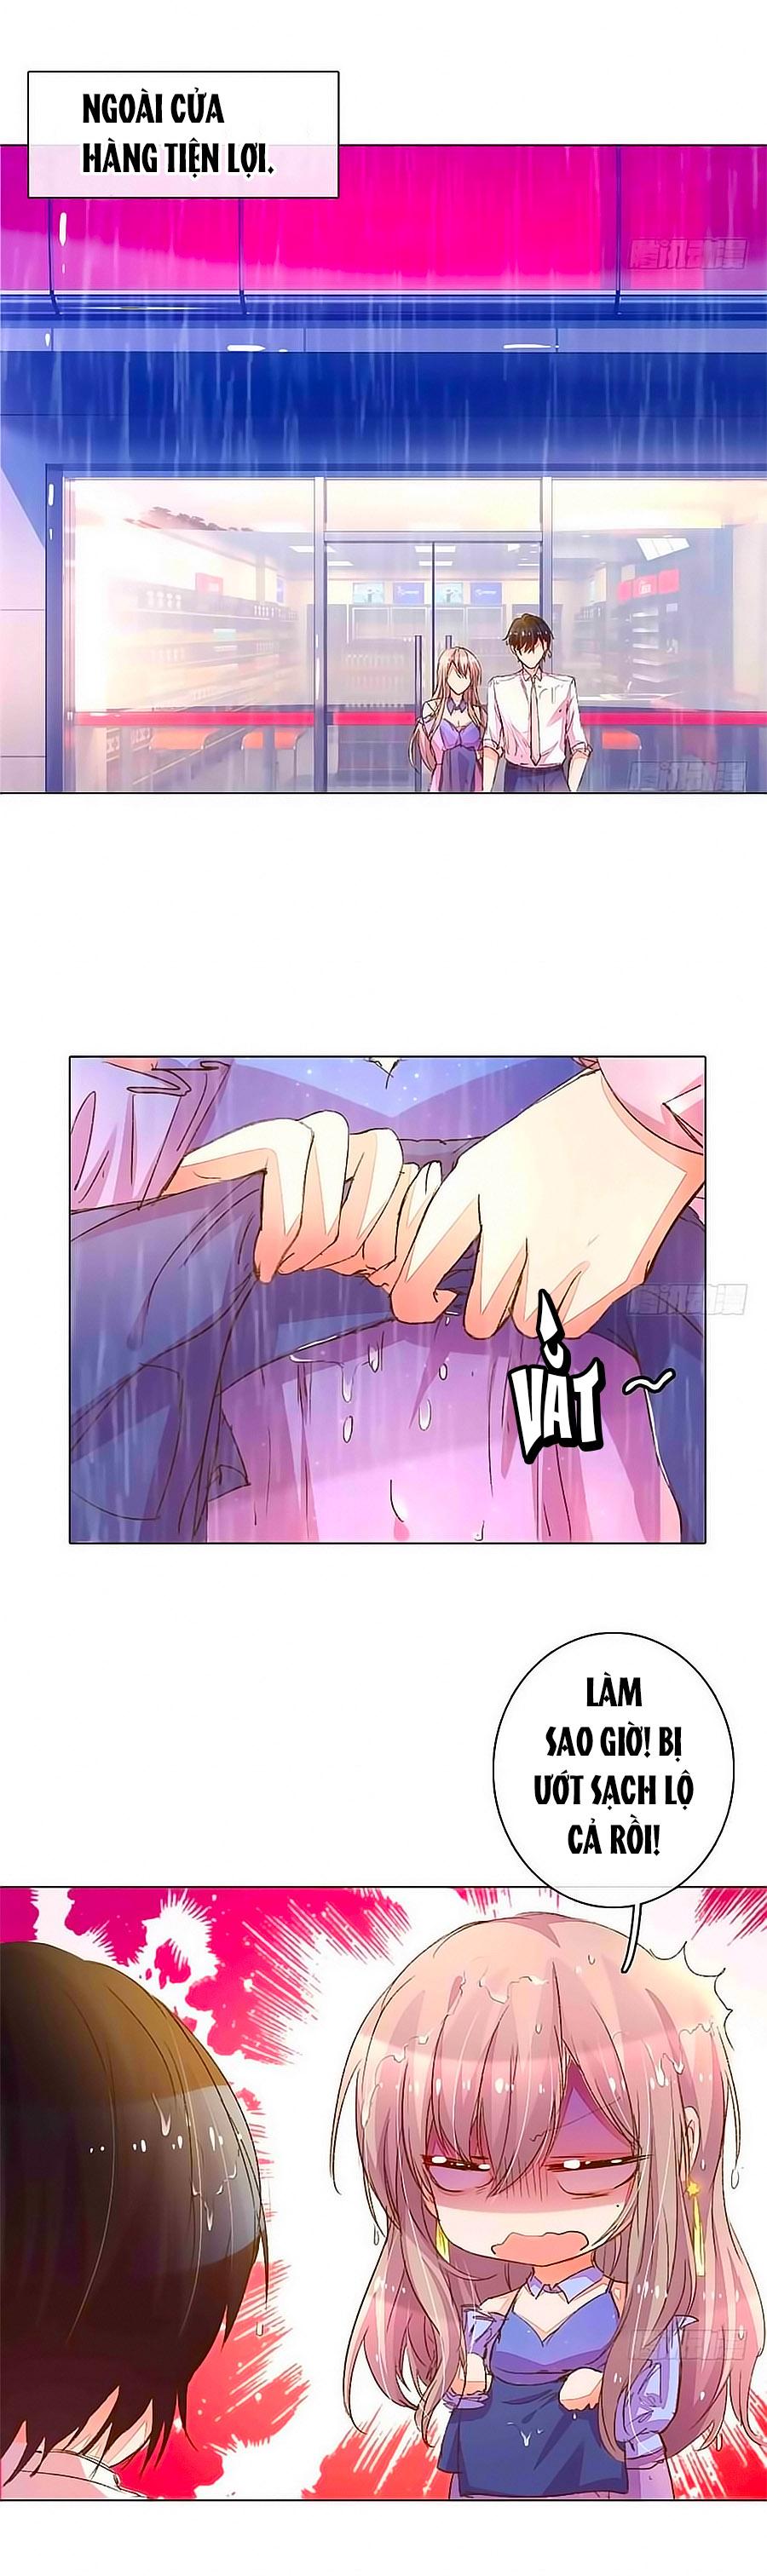 Hào Môn Tiểu Lãn Thê - Chap 71